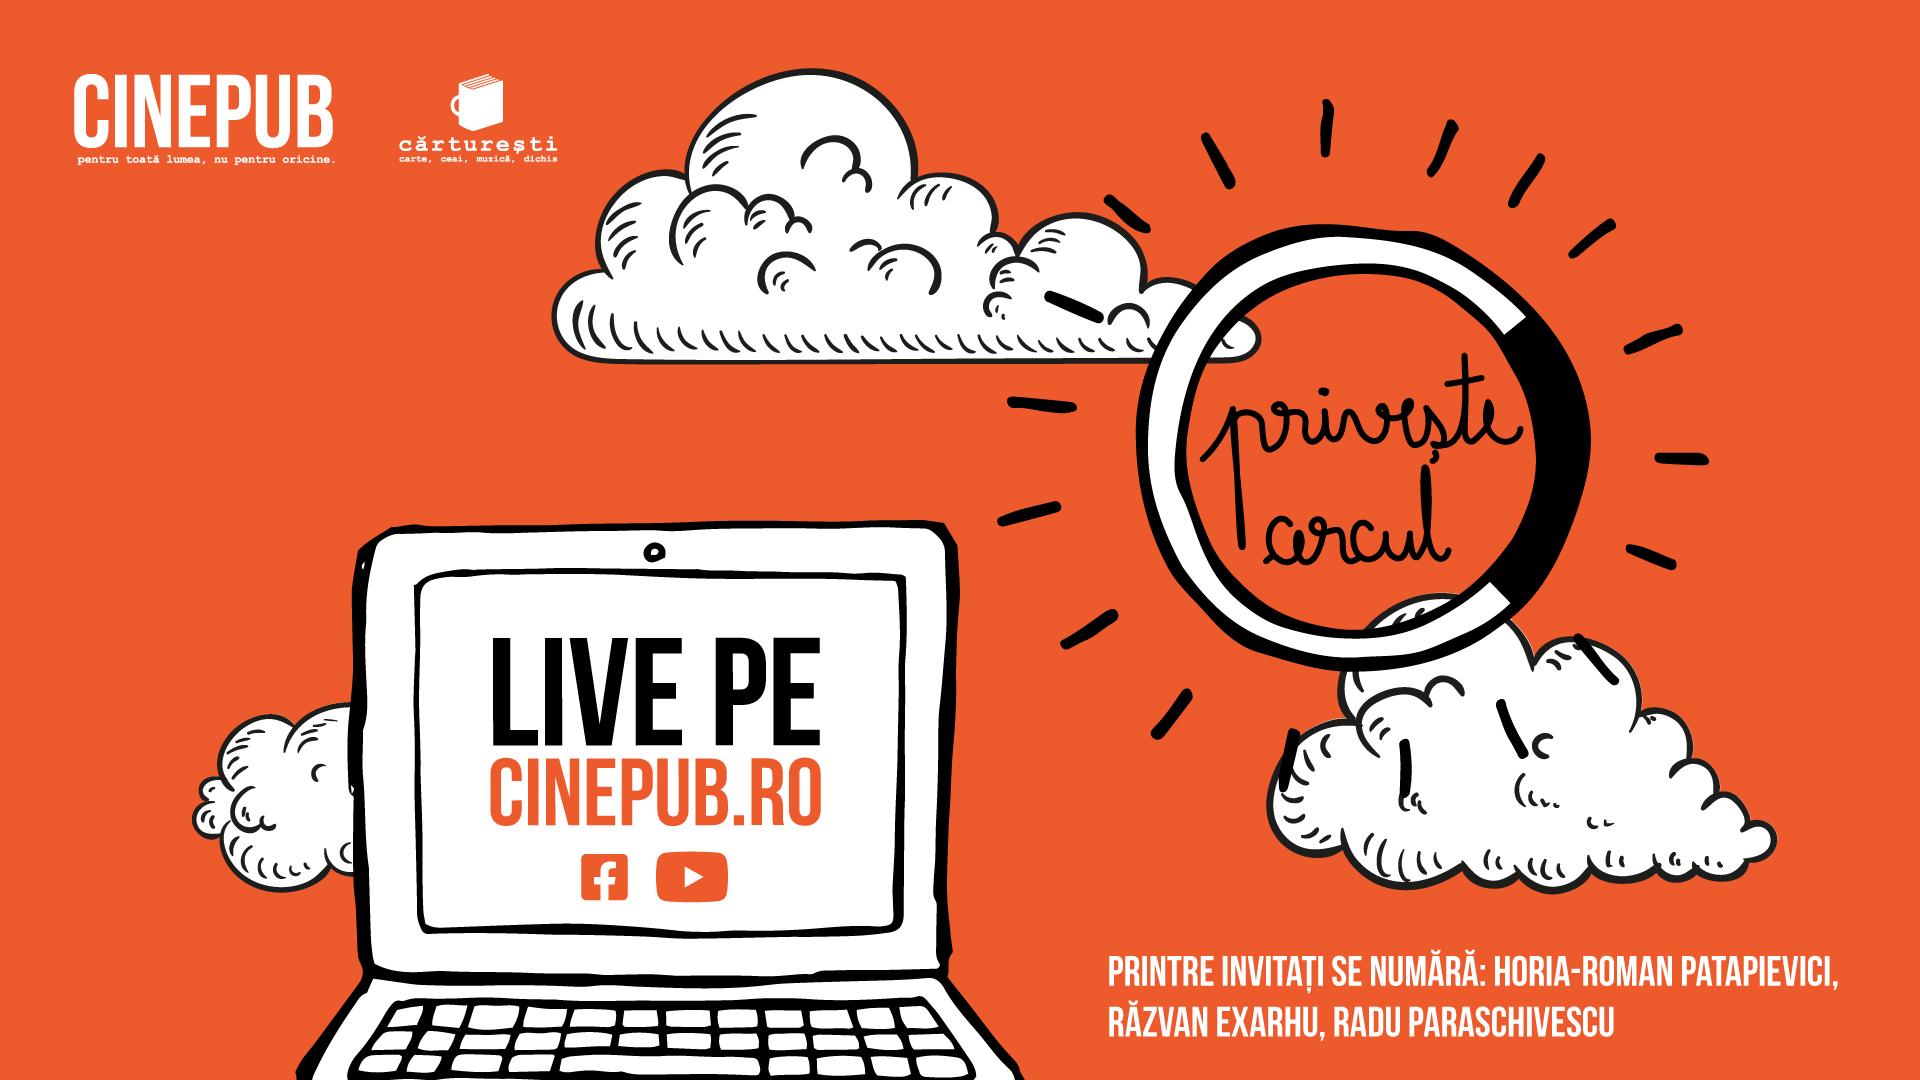 CINEPUB priveste Cercul - parteneriat Carturesti - discutii care conteaza